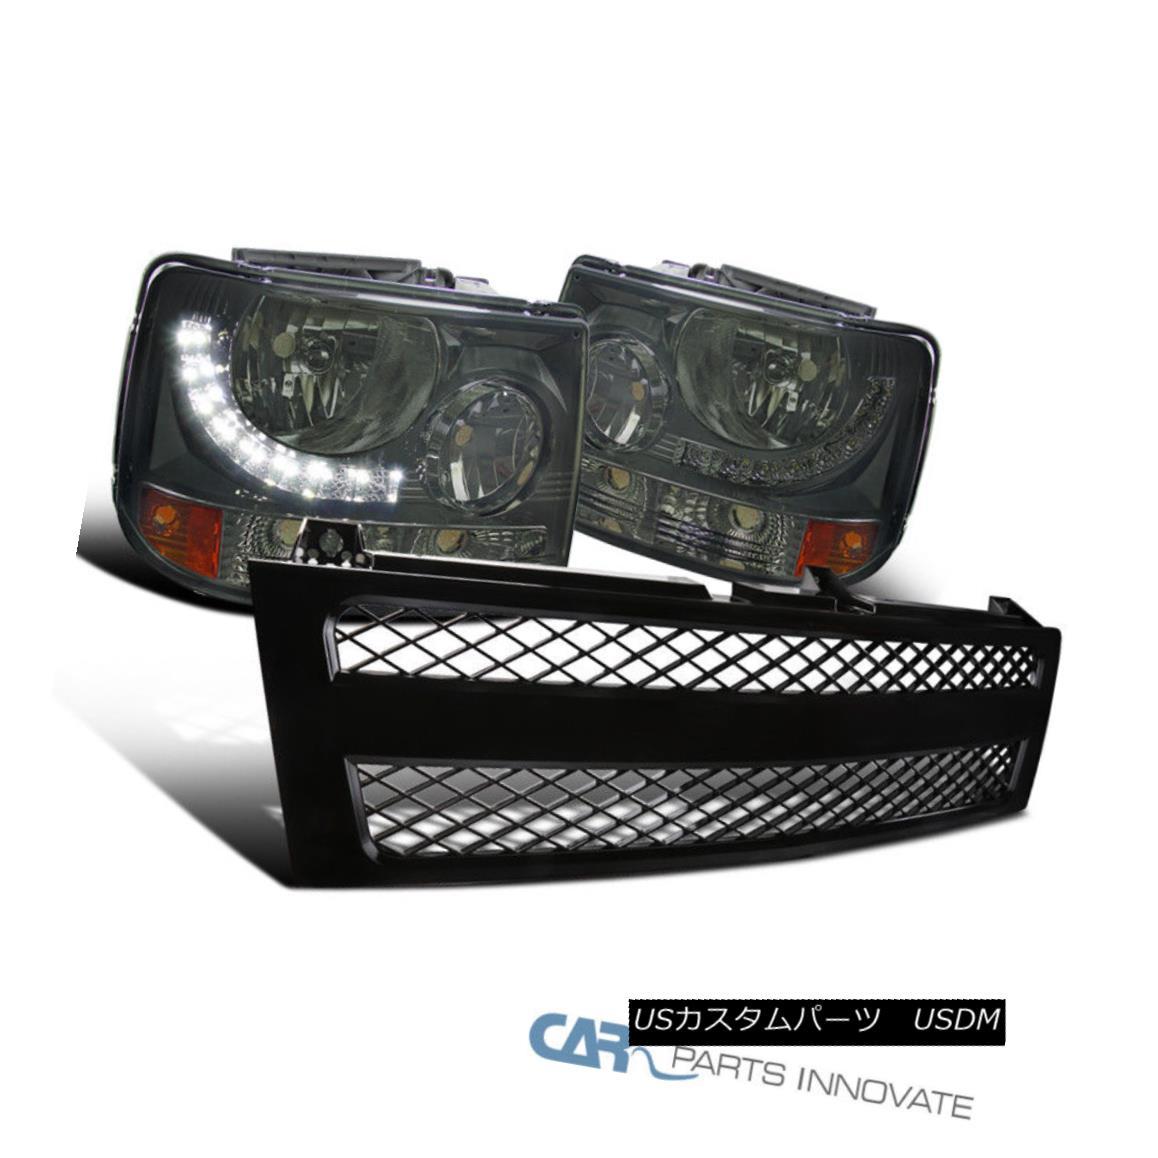 グリル 99-02 Chevy Silverado 2in1 Smoke LED DRL Headlights+Black ABS Mesh Hood Grille 99-02シボレーシルバラード2in1煙LED DRLヘッドライト+ Bla ck ABSメッシュフードグリル